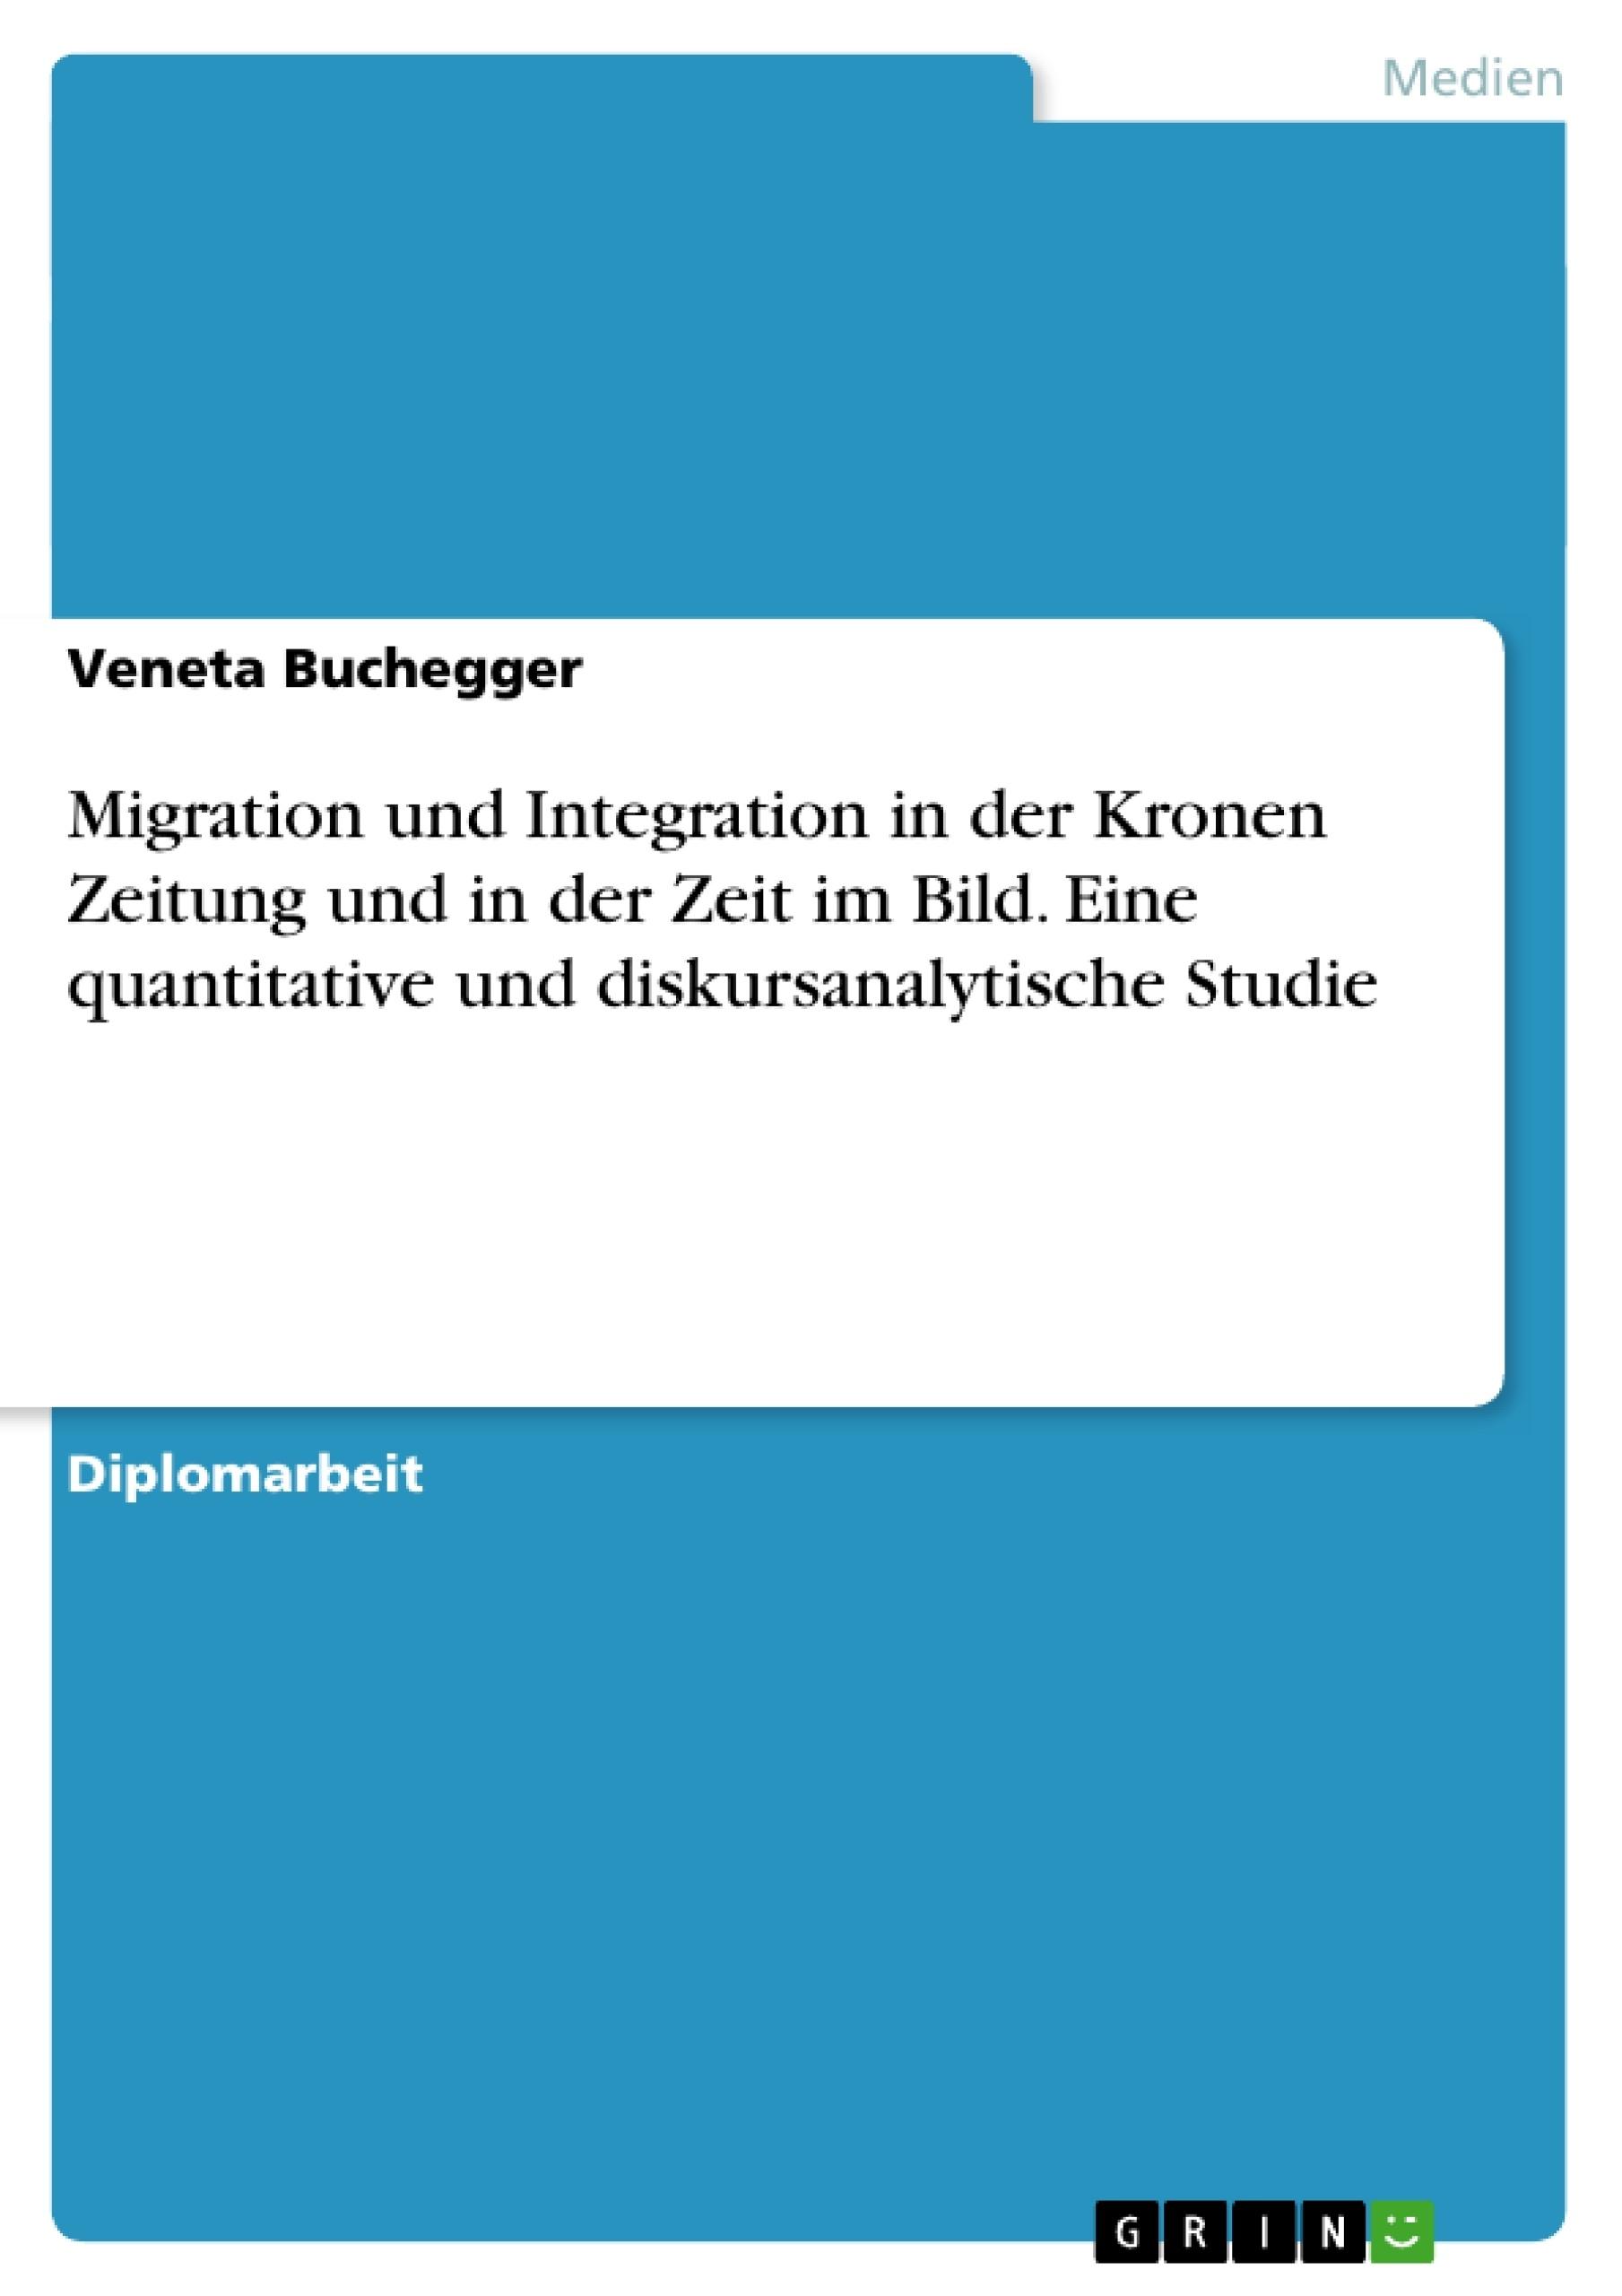 Titel: Migration und Integration in der Kronen Zeitung und in der Zeit im Bild. Eine quantitative und diskursanalytische Studie